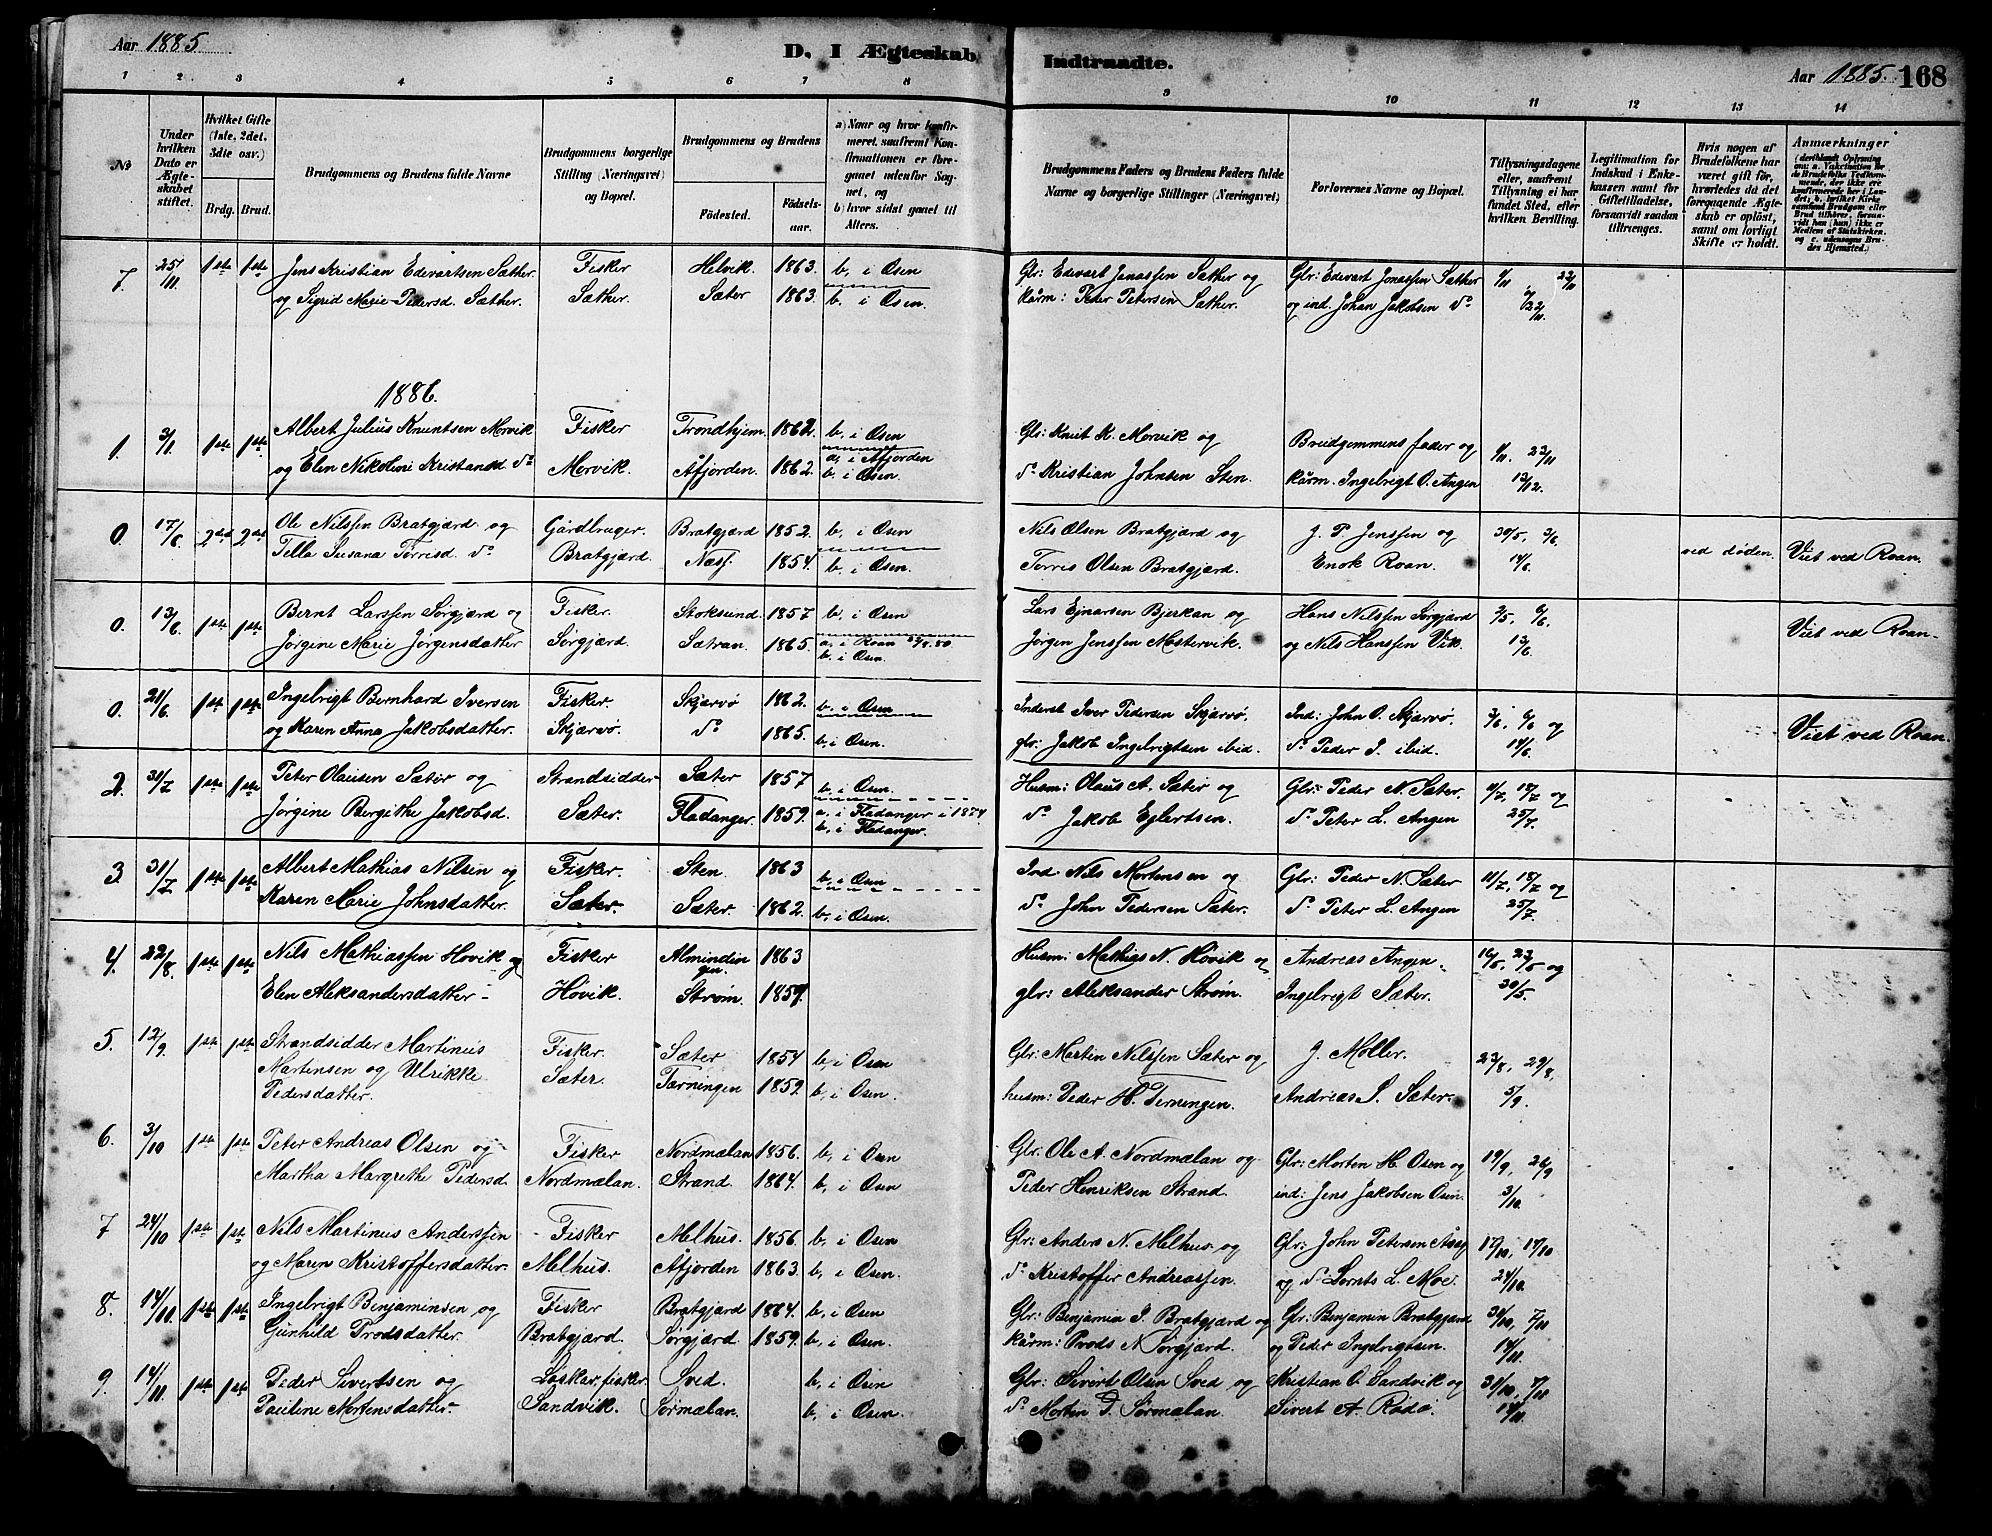 SAT, Ministerialprotokoller, klokkerbøker og fødselsregistre - Sør-Trøndelag, 658/L0726: Klokkerbok nr. 658C02, 1883-1908, s. 168